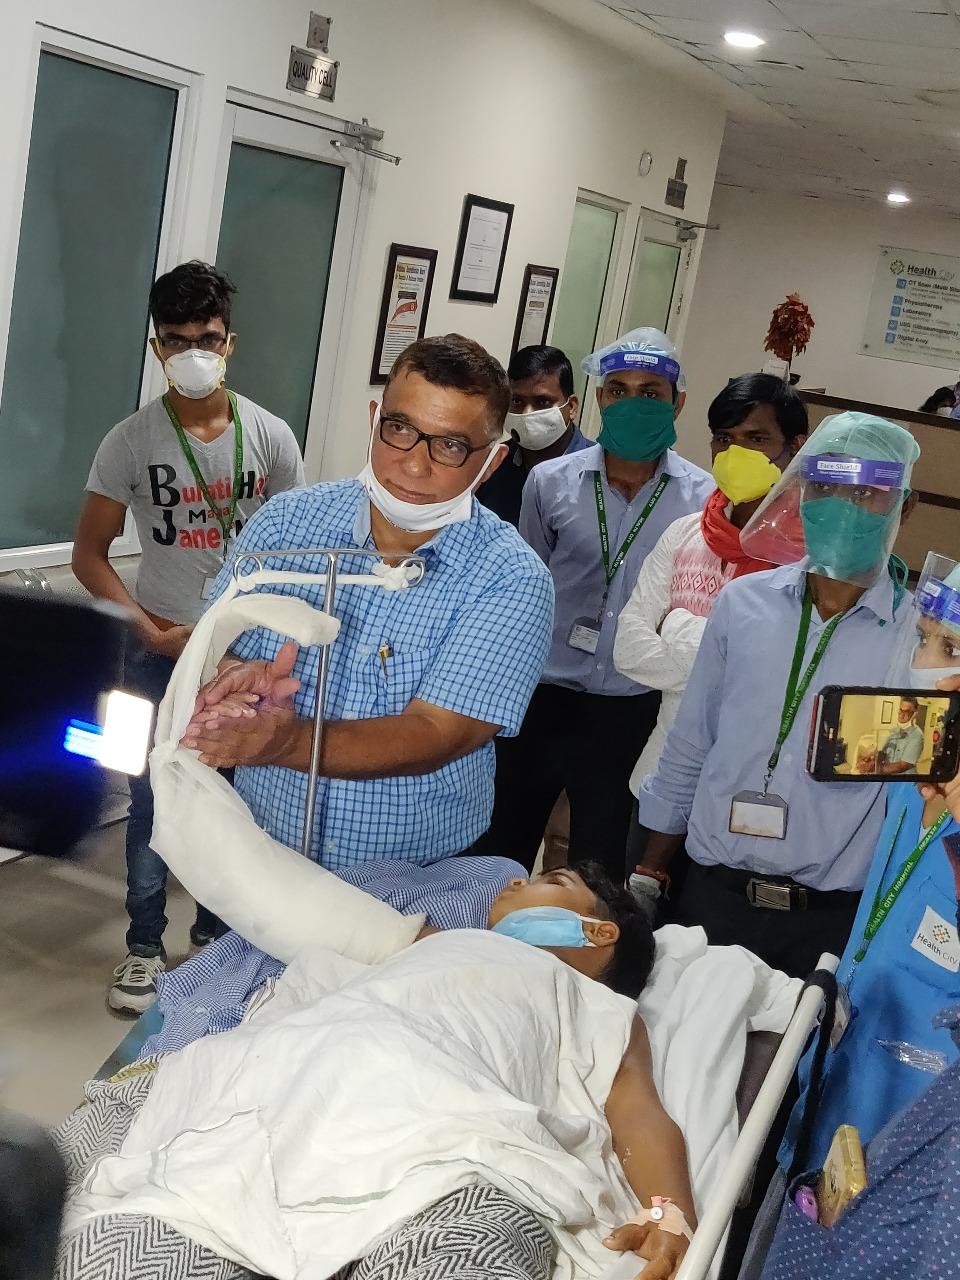 आरा मशीन से कटे 12 वर्षीय बालक के हाथ का सफल प्रत्यारोपण